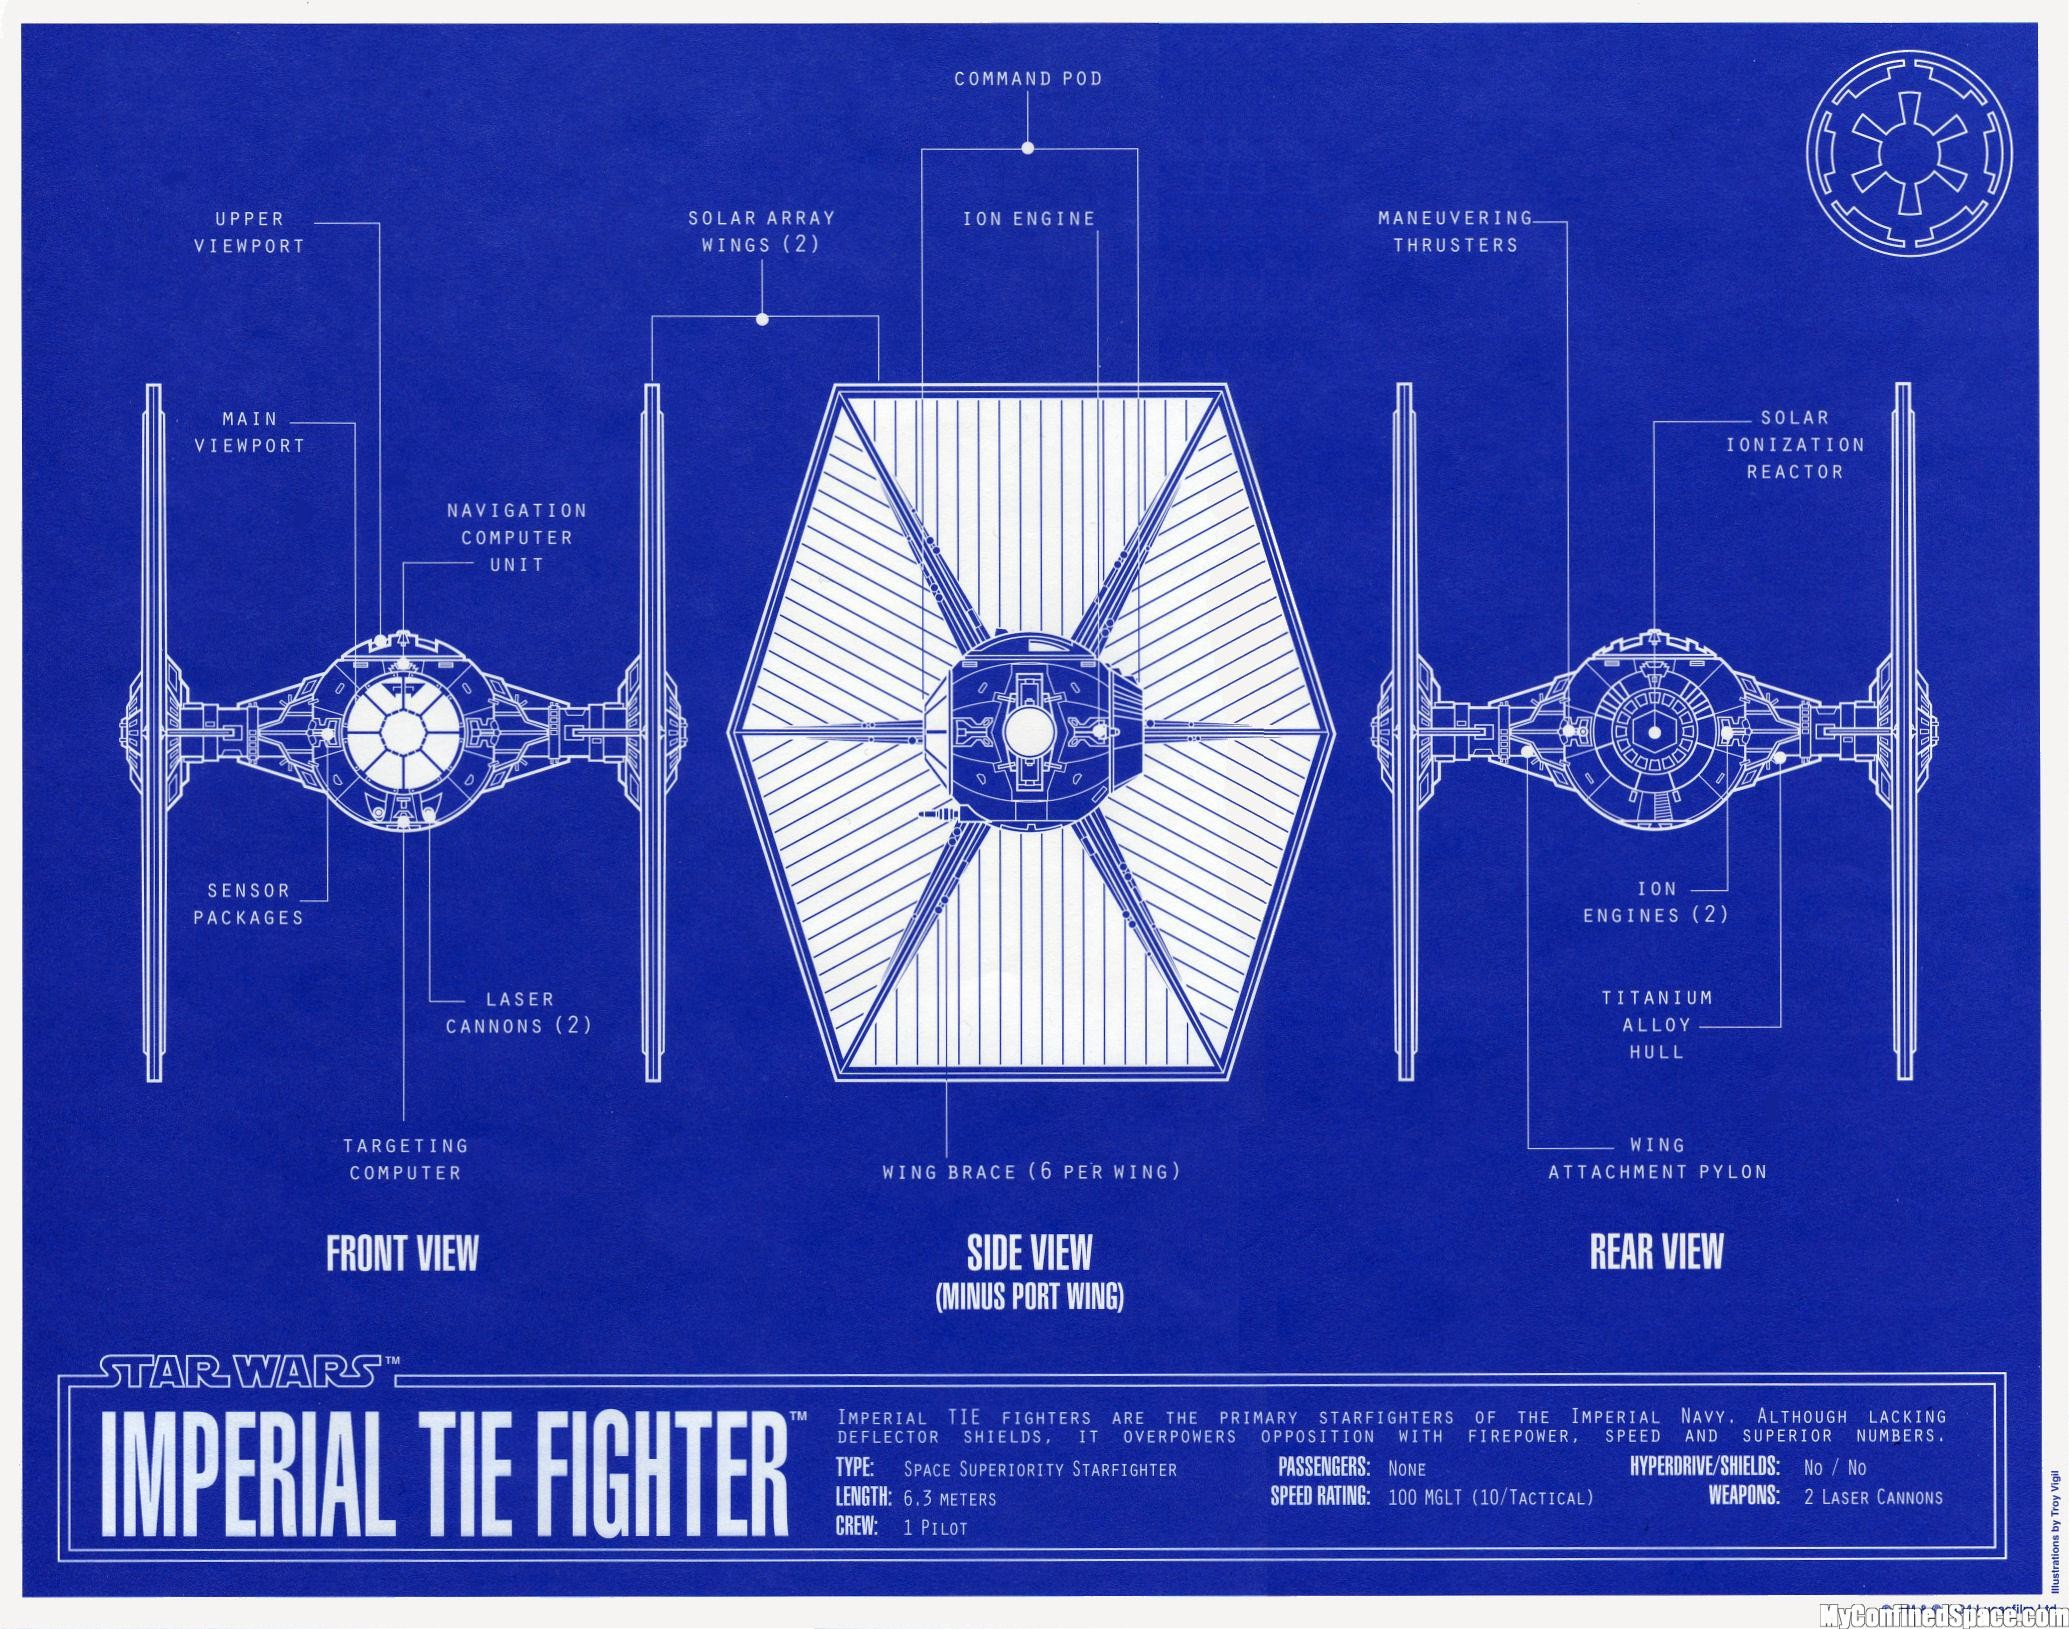 Movie Star Wars Tie Fighter Wallpaper